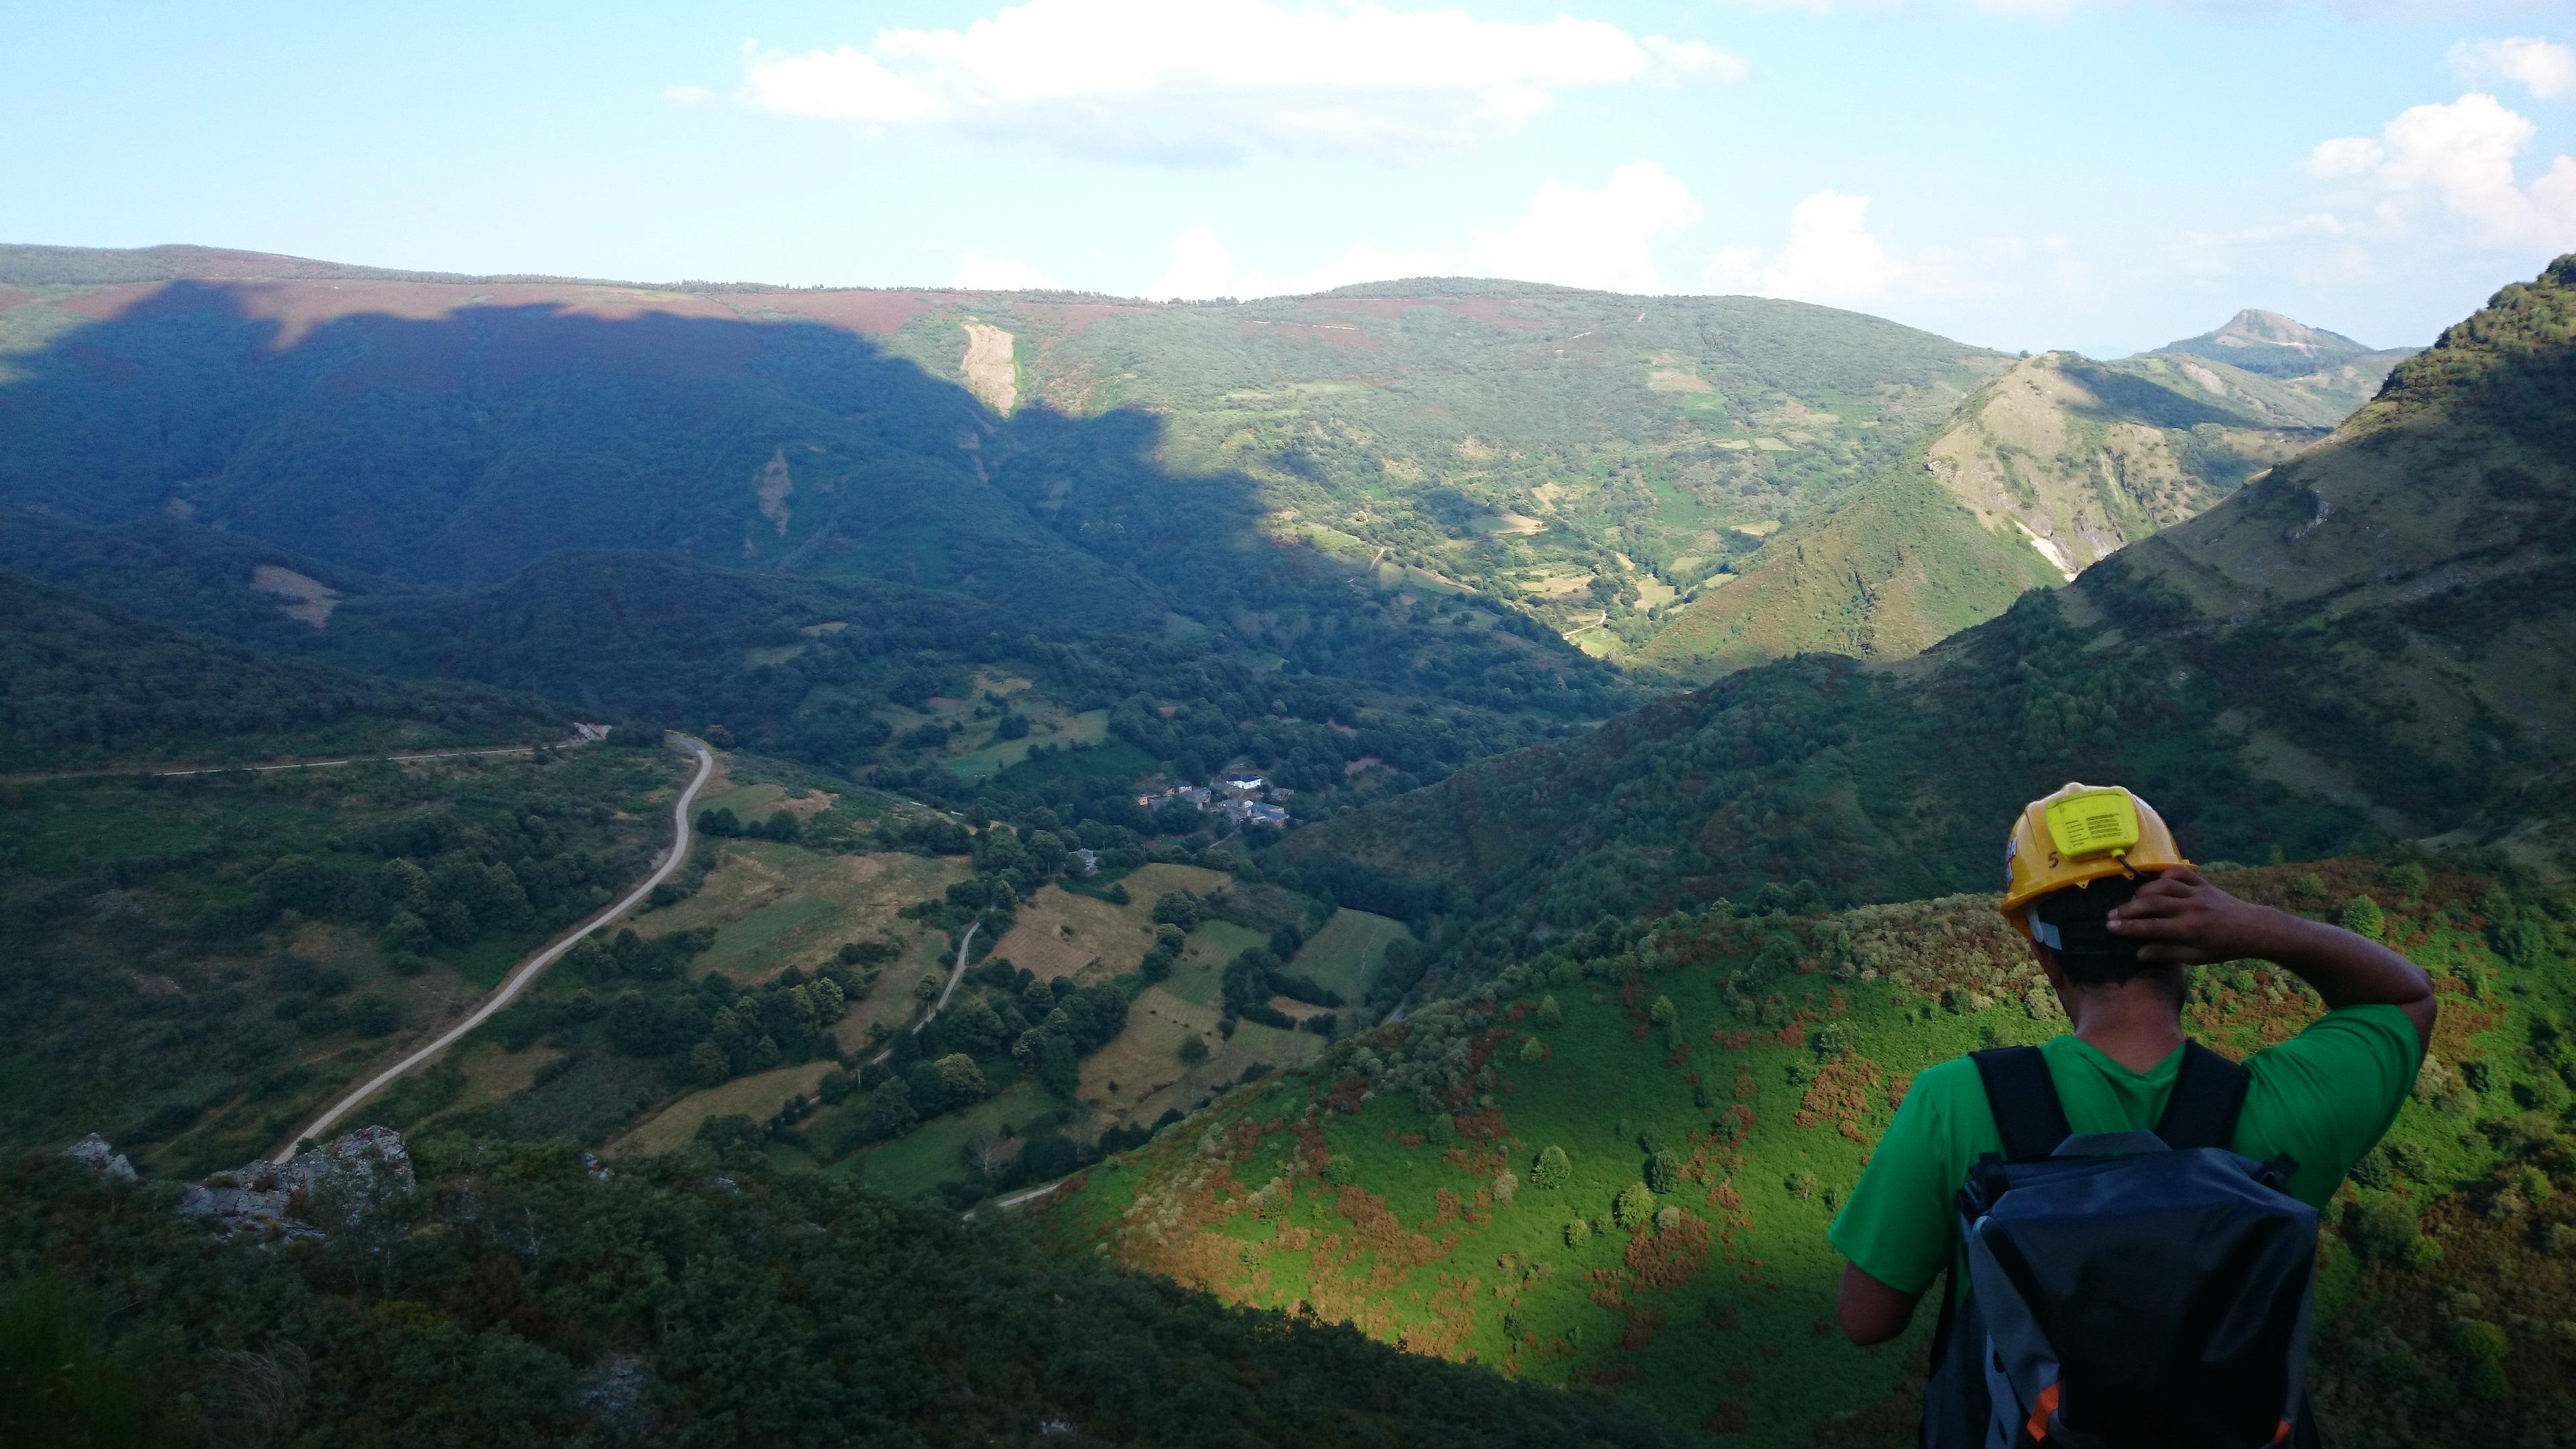 Aventuras y actividades en Ourense para descubrir la tierra de los puentes sobre el río Miño.